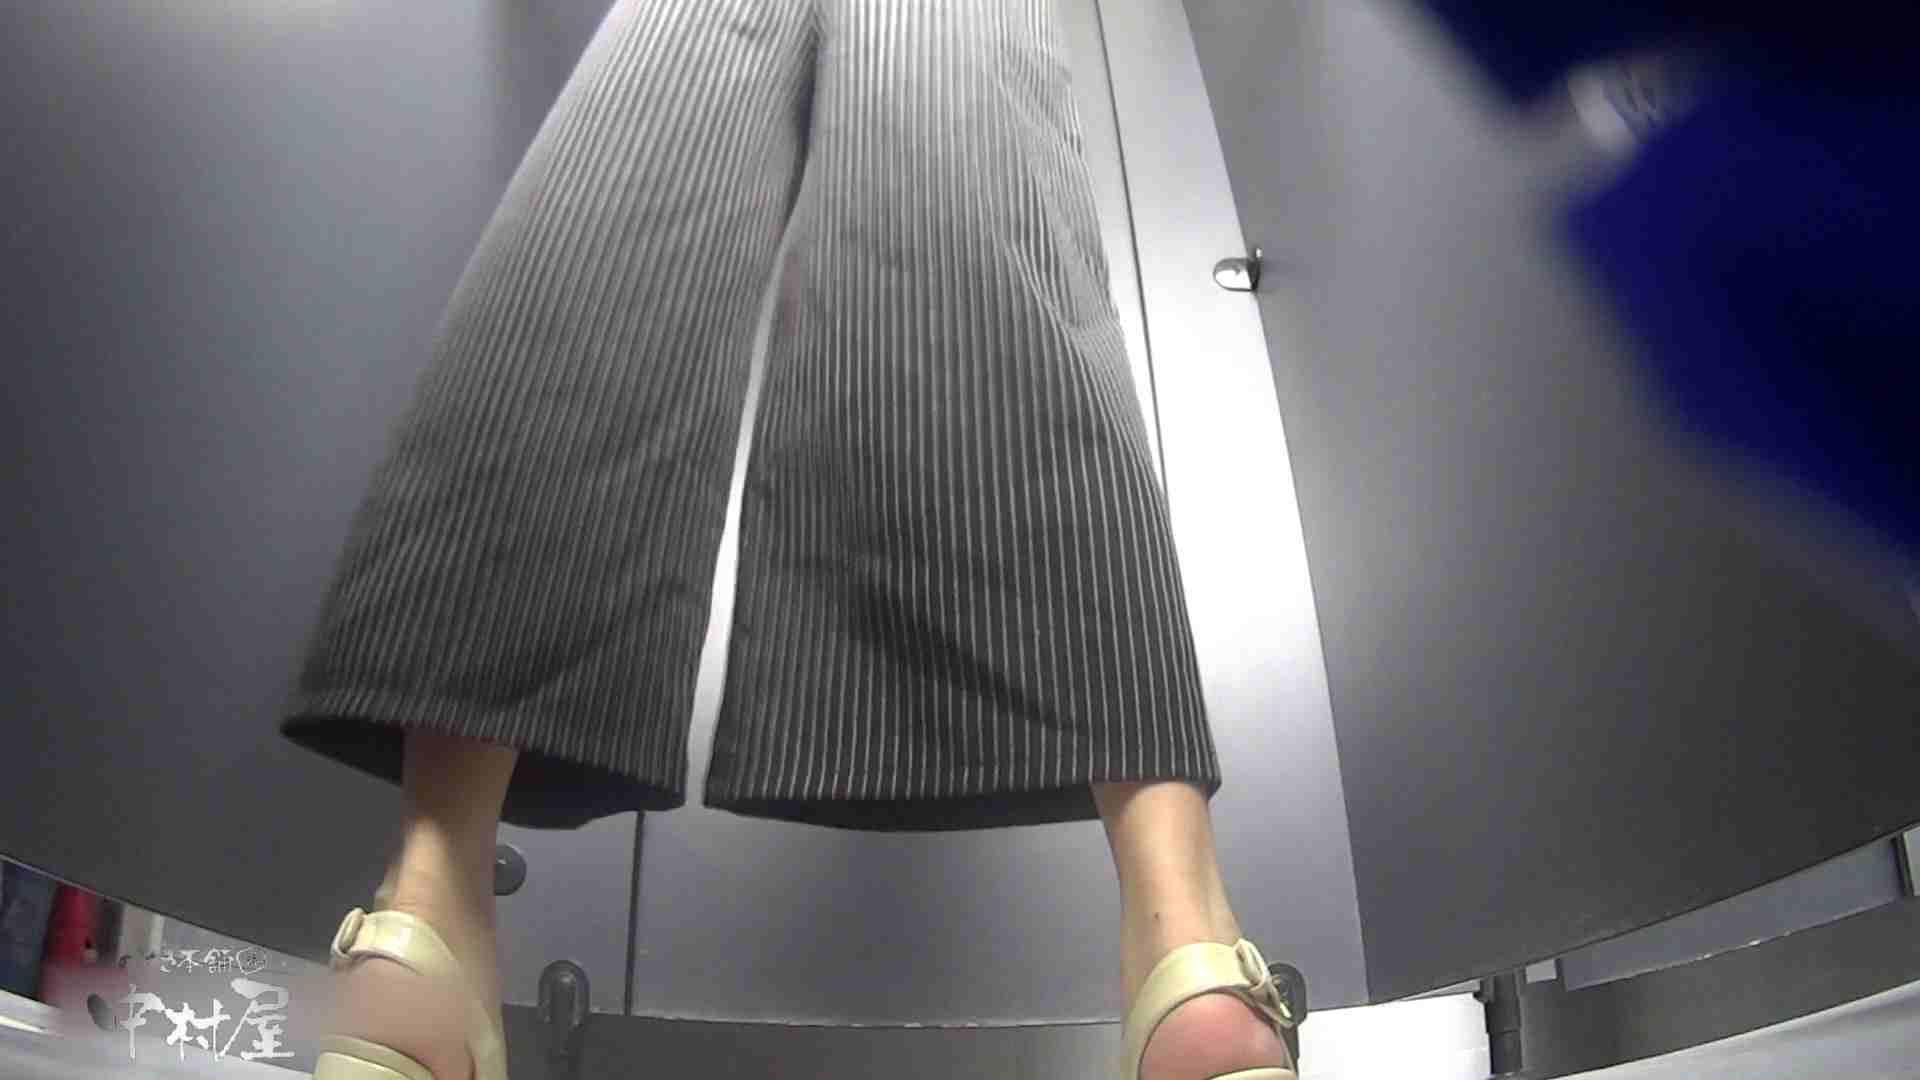 ツンデレお女市さんのトイレ事情 大学休憩時間の洗面所事情32 女性トイレ 盗み撮り動画 102pic 27